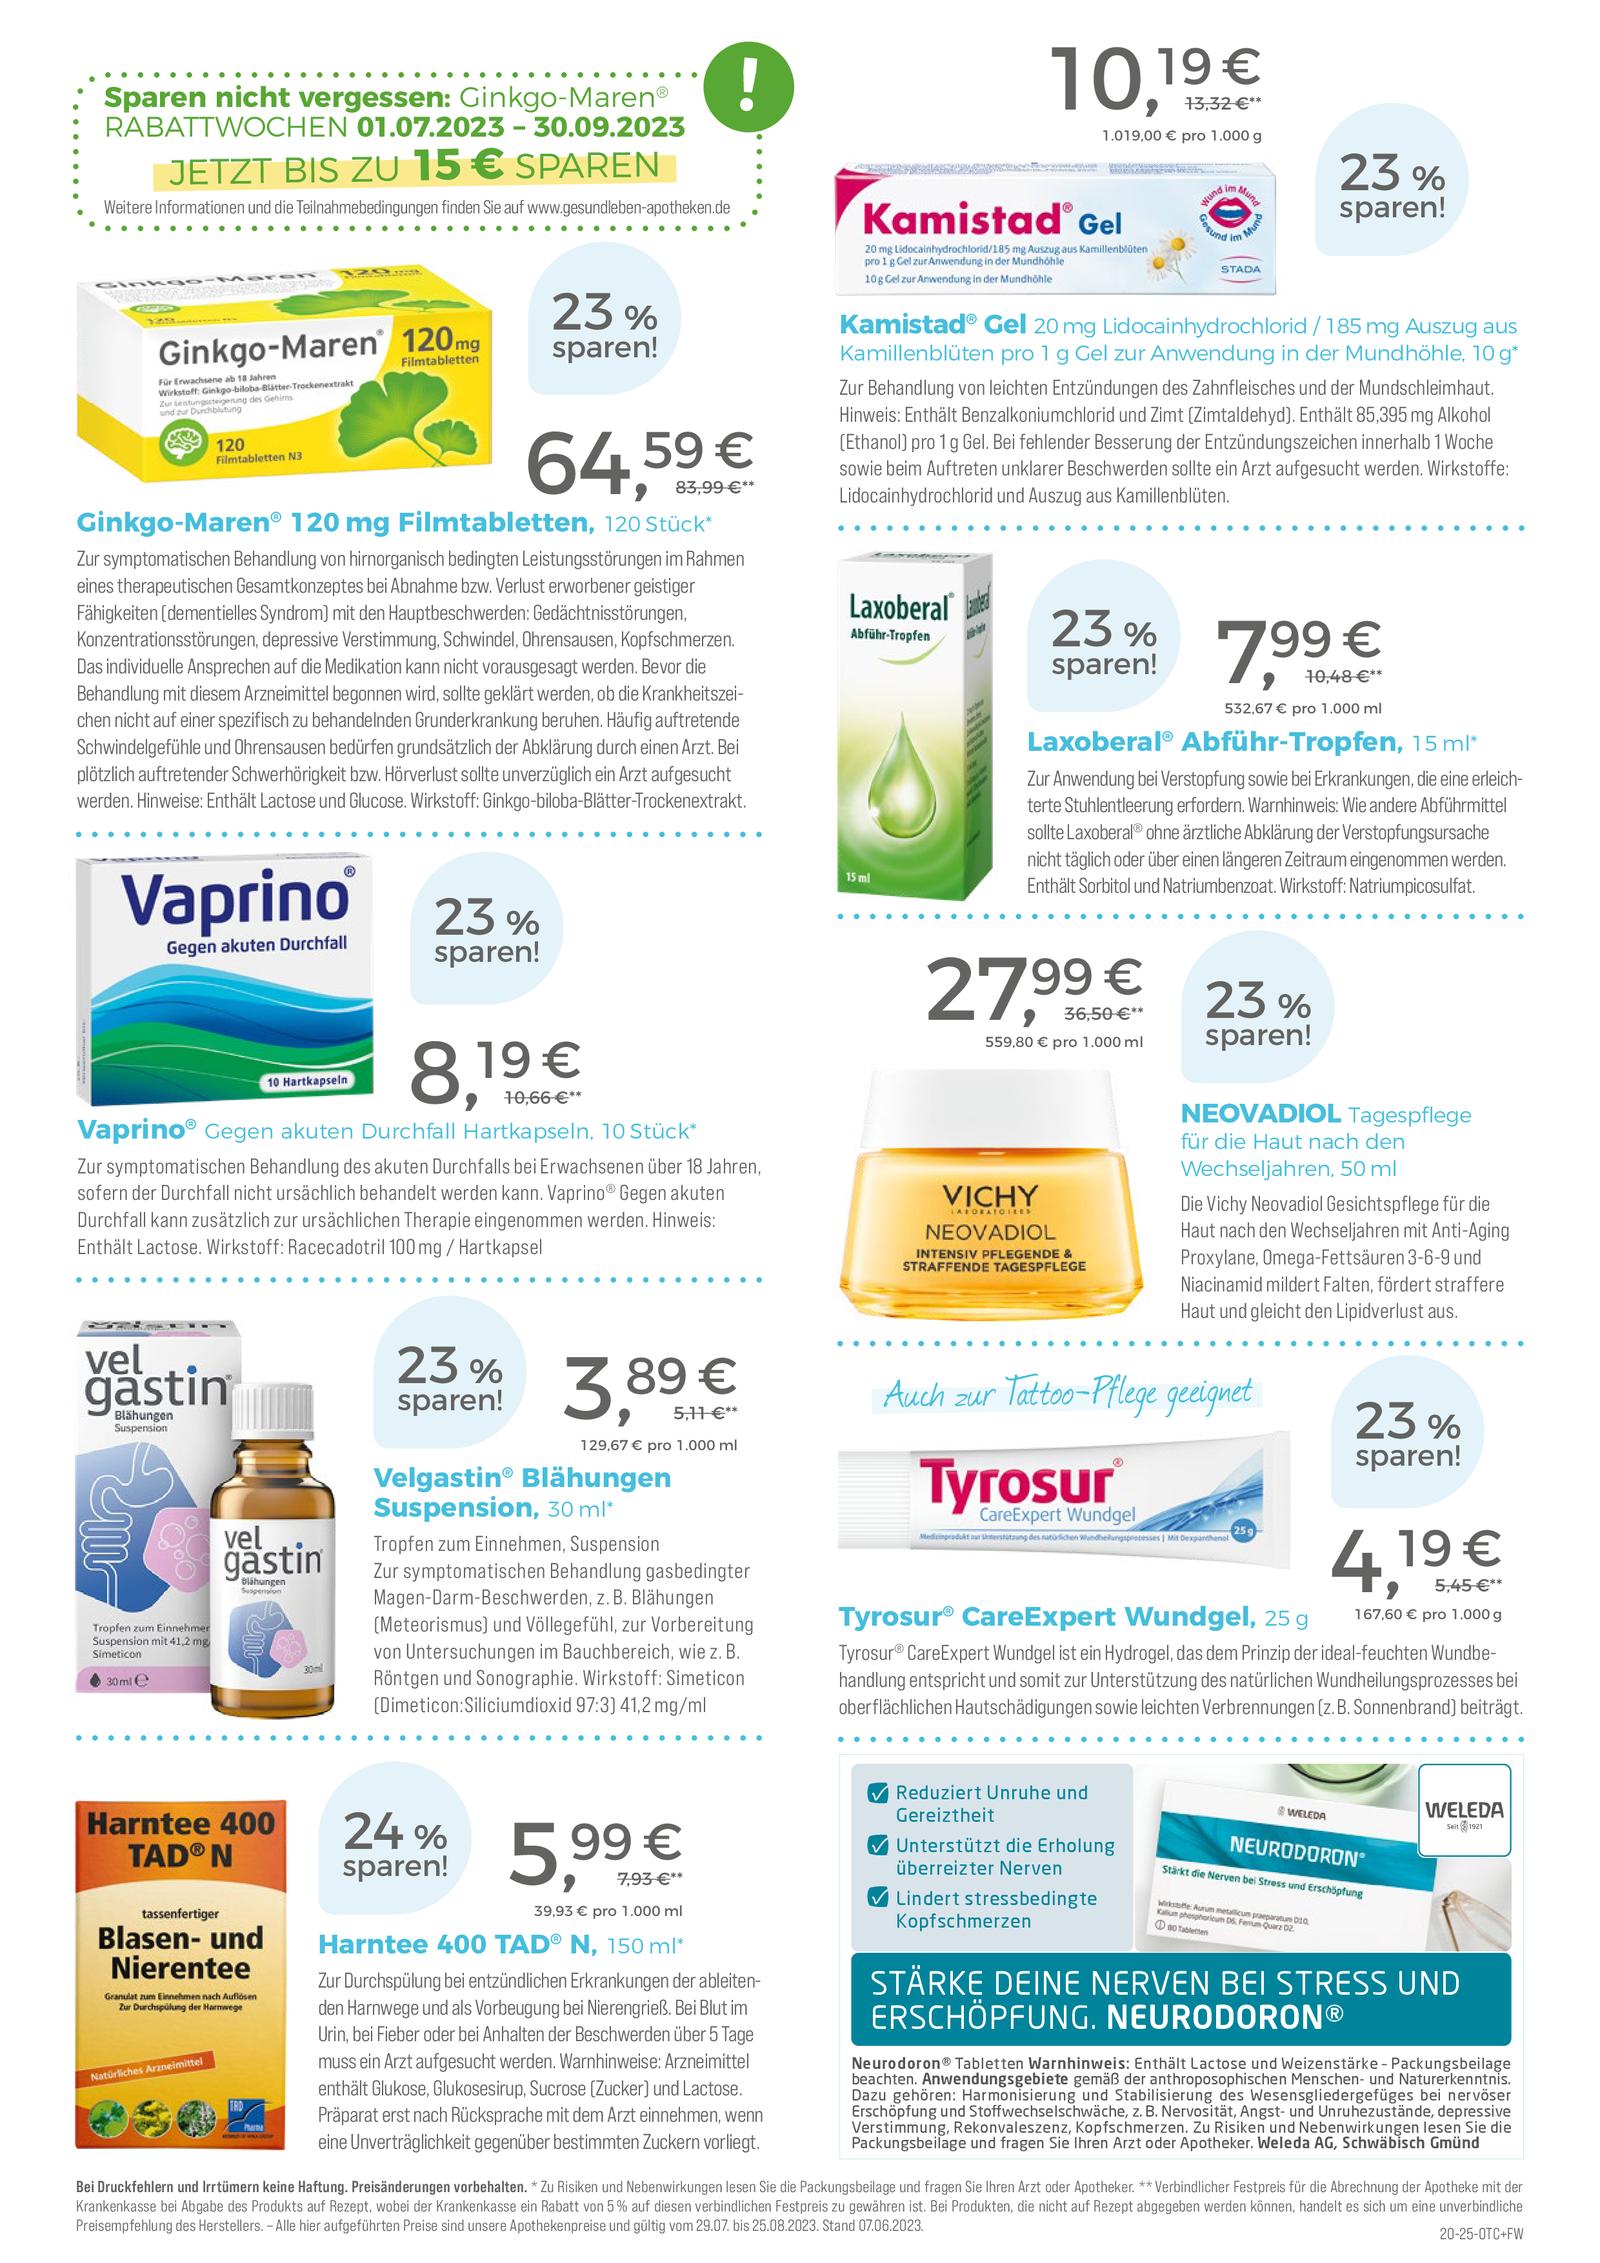 https://mein-uploads.apocdn.net/17514/leaflets/gesundleben_mittel-Seite3.png